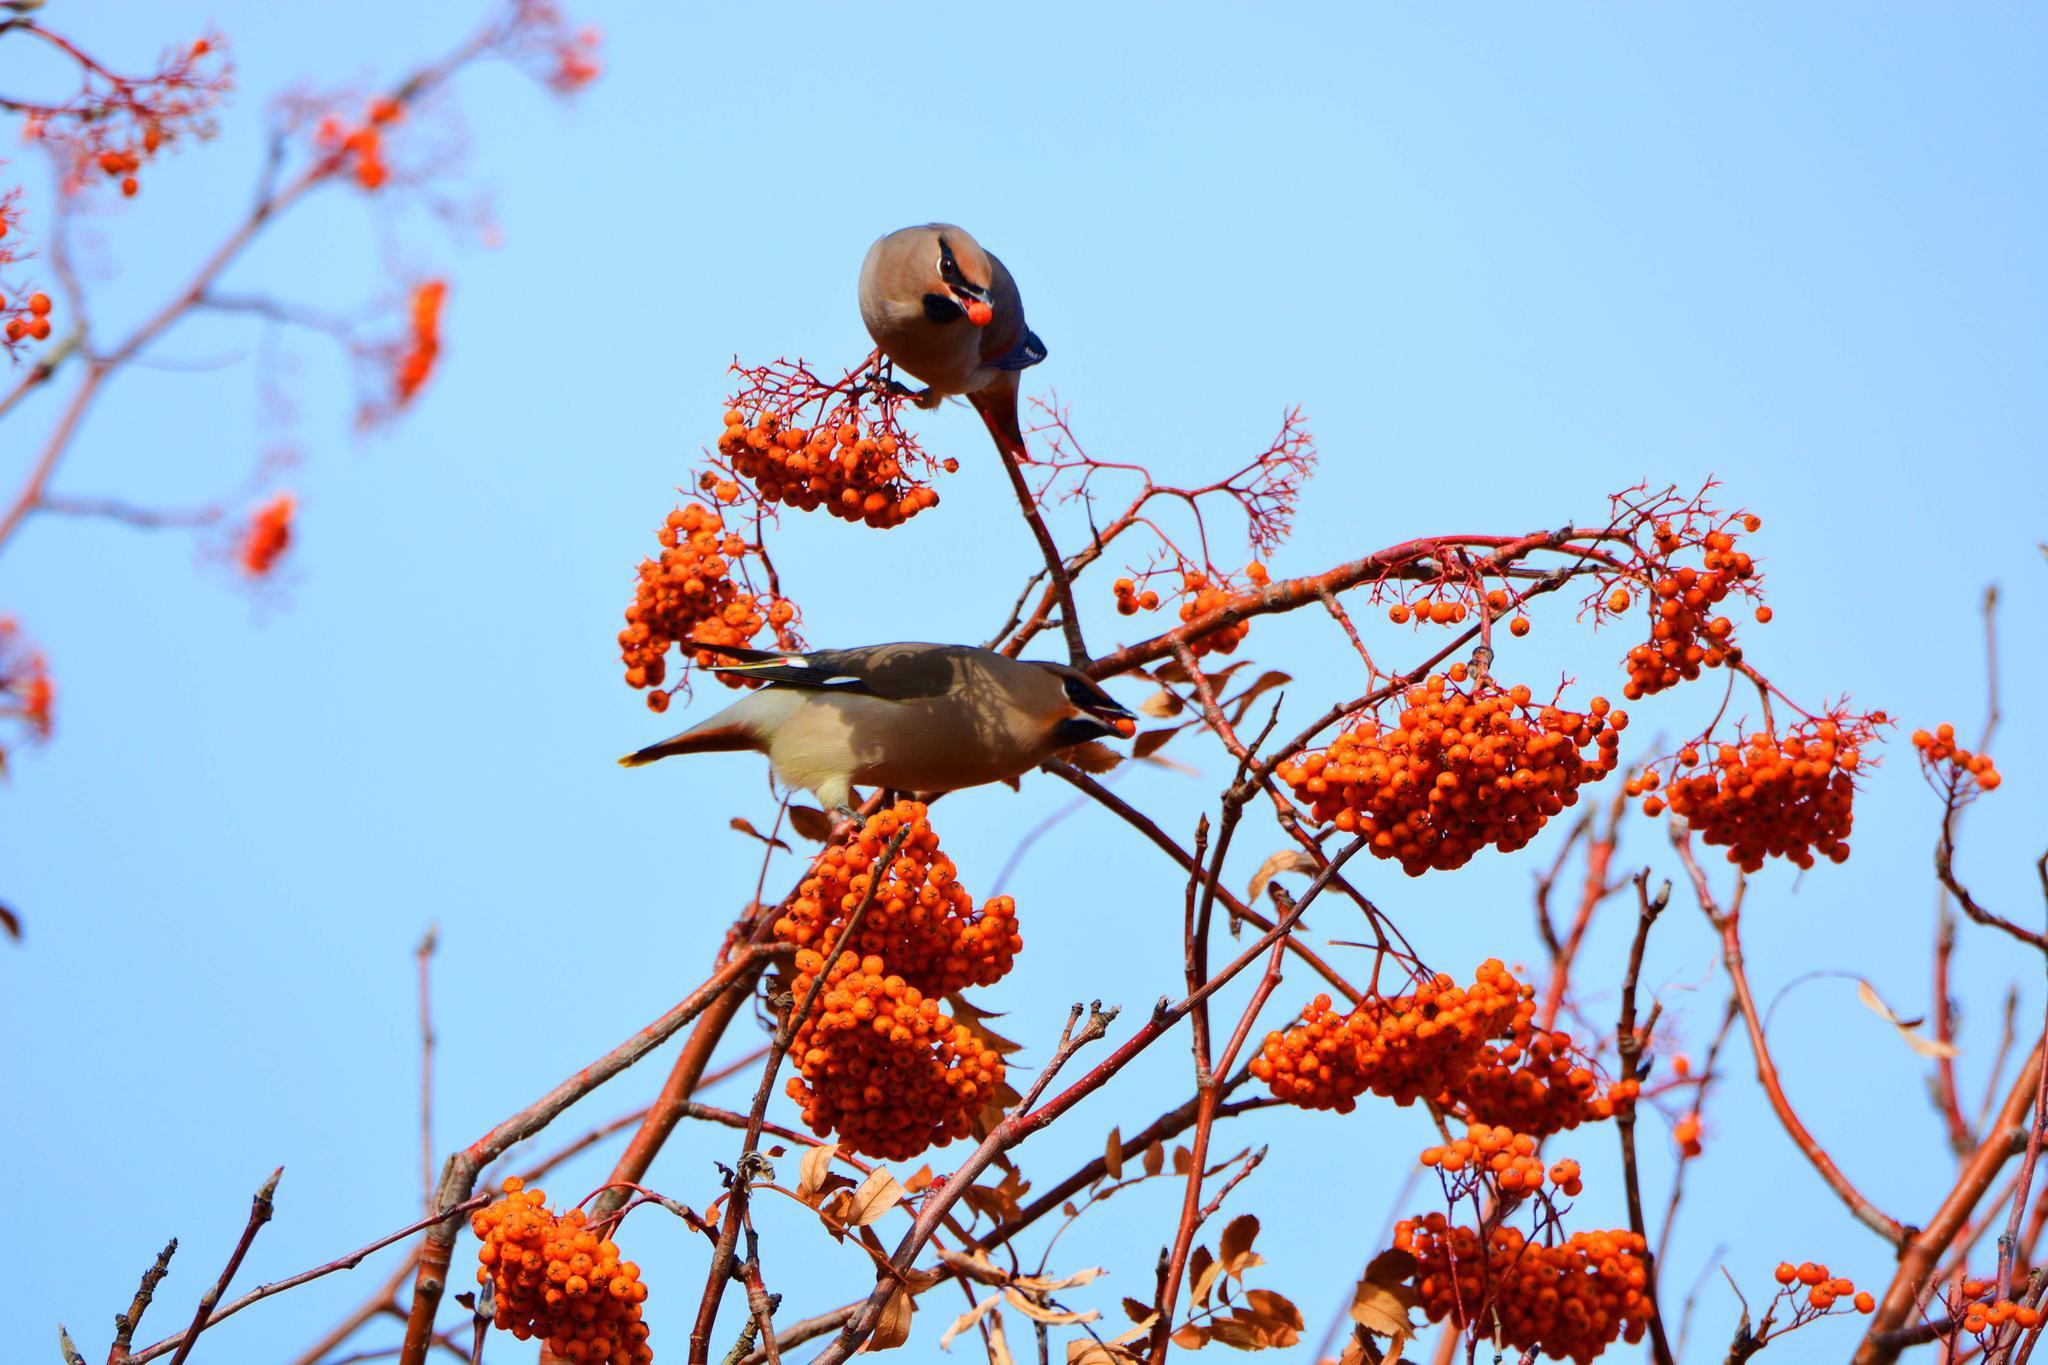 太平鸟爱吃花楸果,原创拍摄